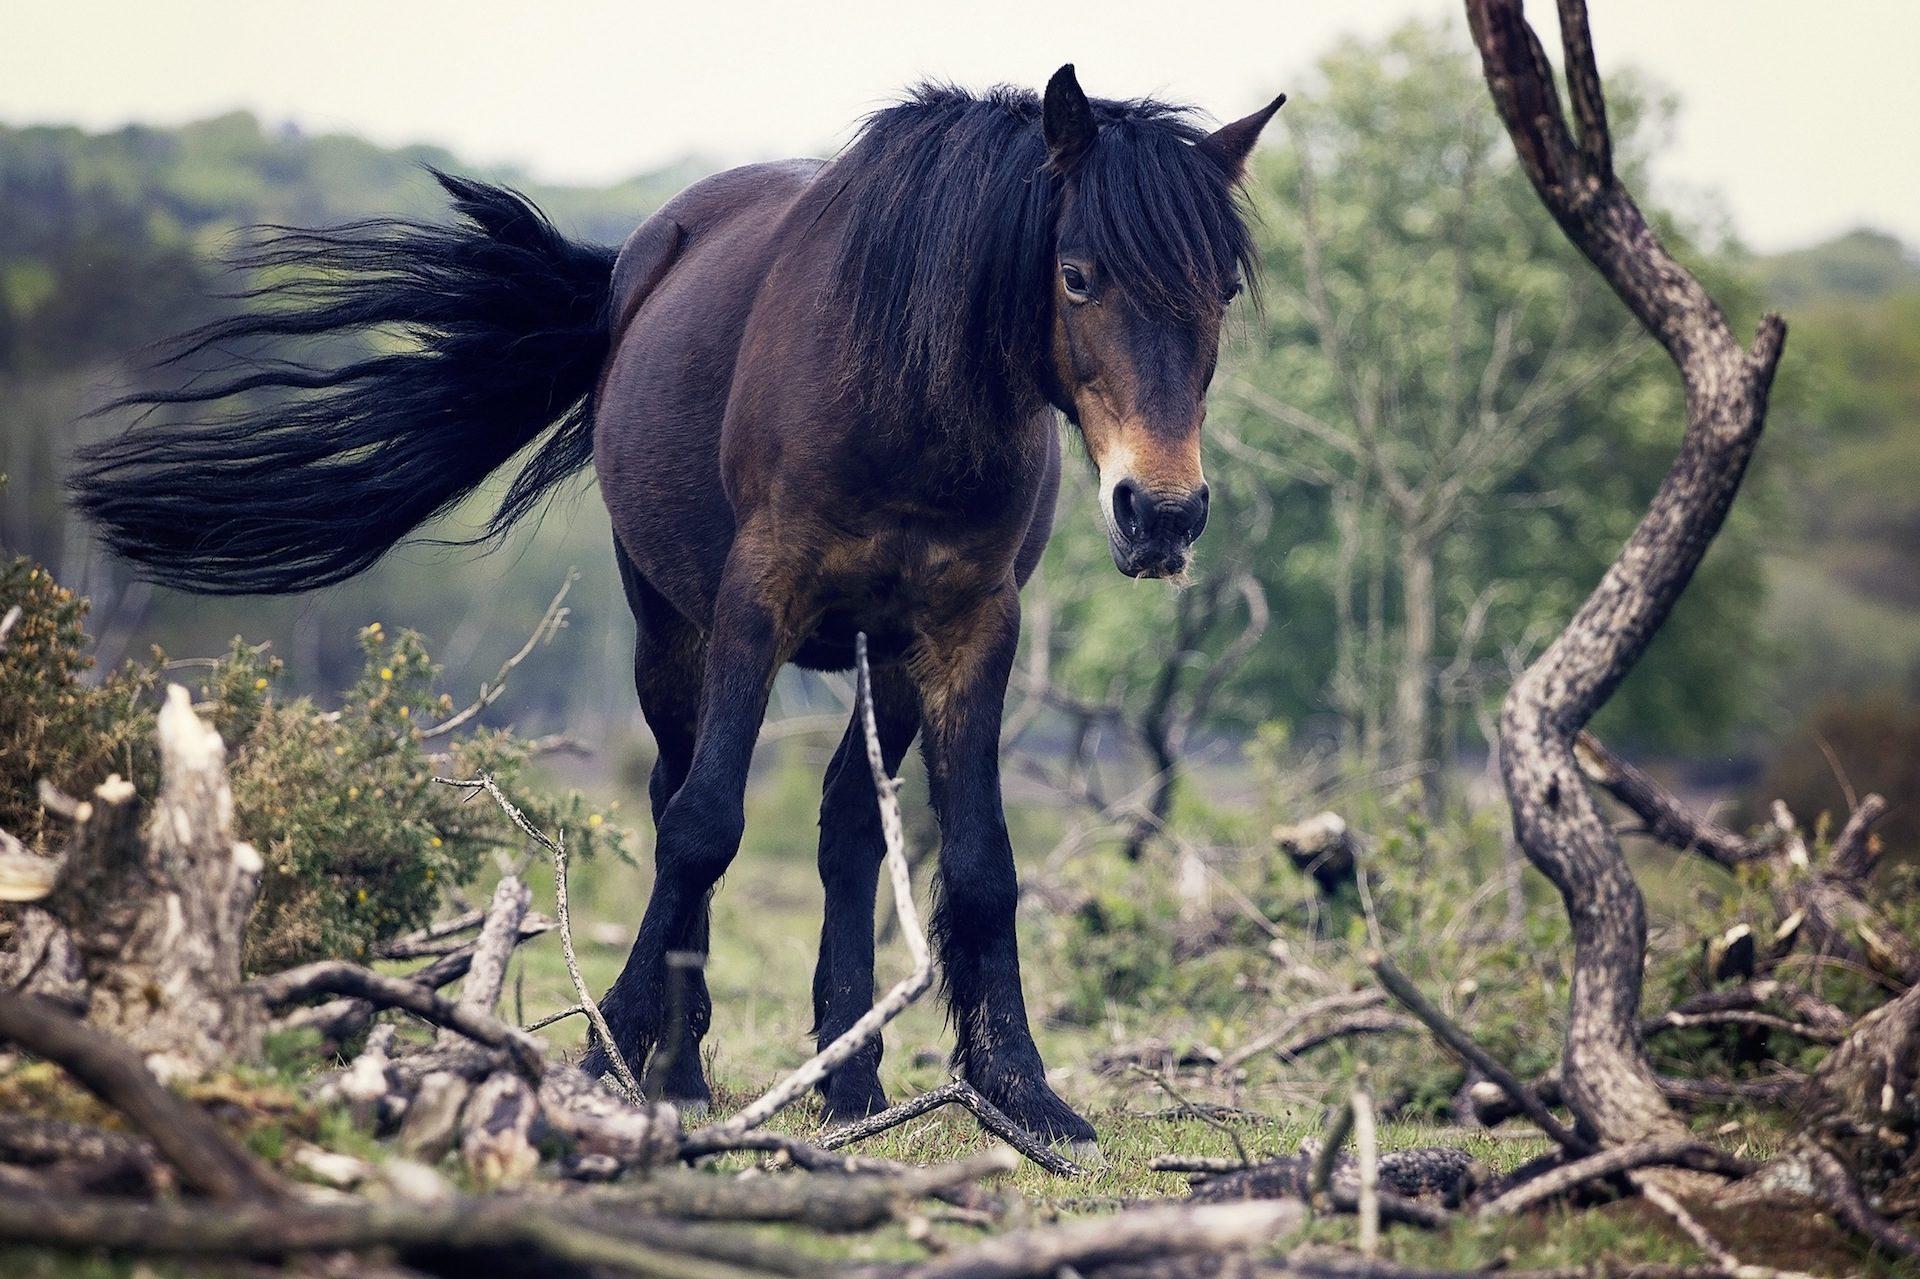 馬, 毛皮, フィールド, 枝, 木 - HD の壁紙 - 教授-falken.com